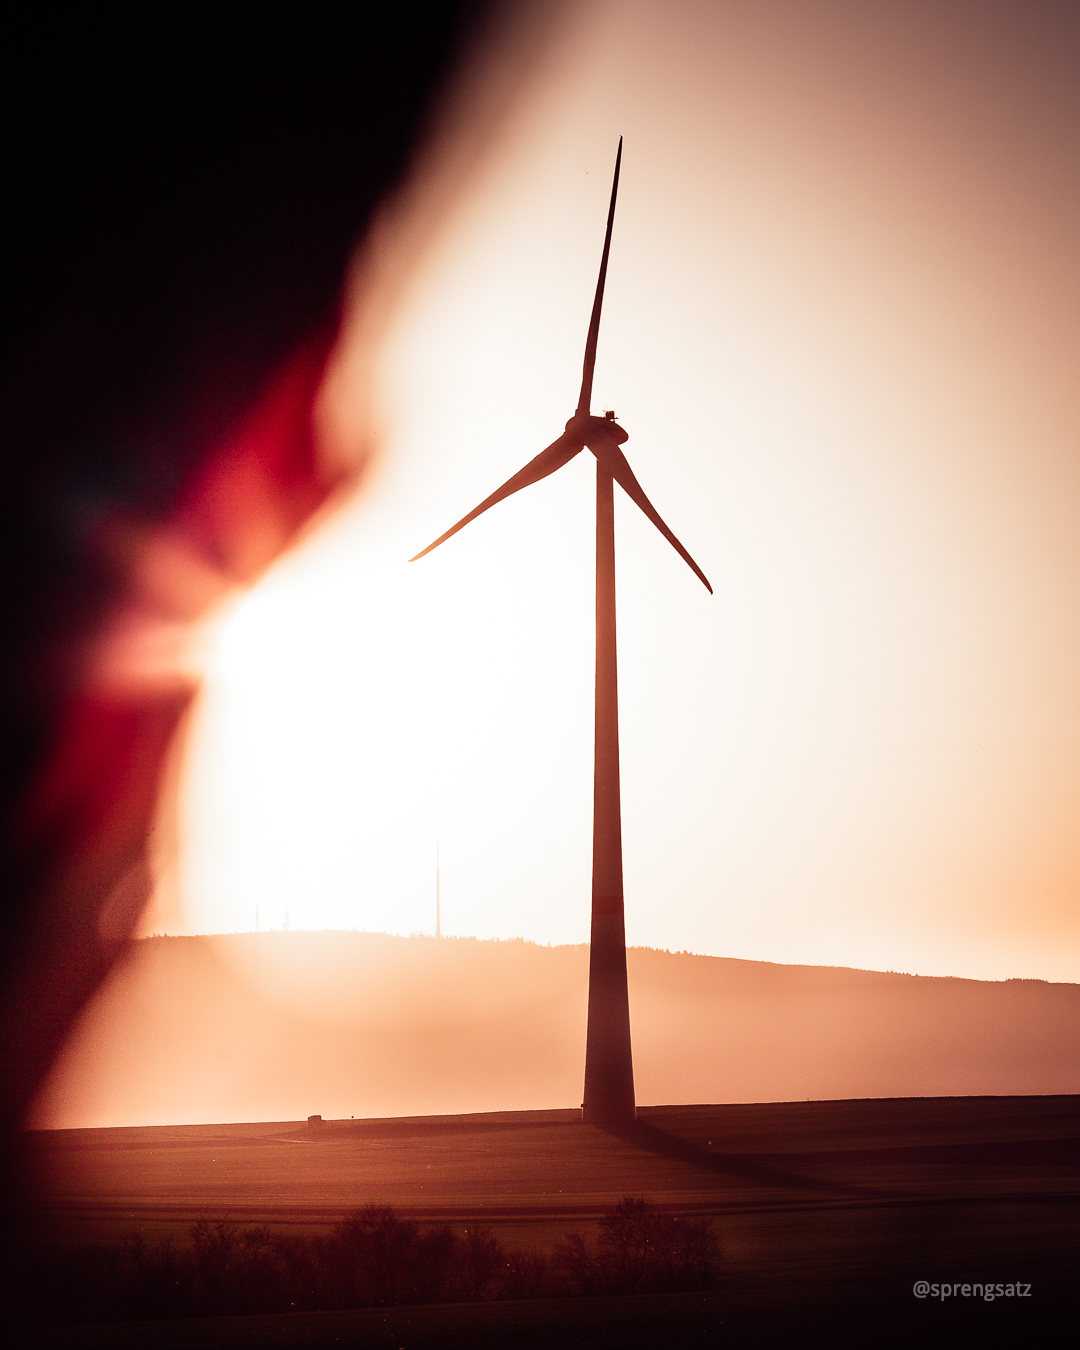 Ein Windrad vor dem Donnersberg im Sonnenlicht bei Sonnenuntergang